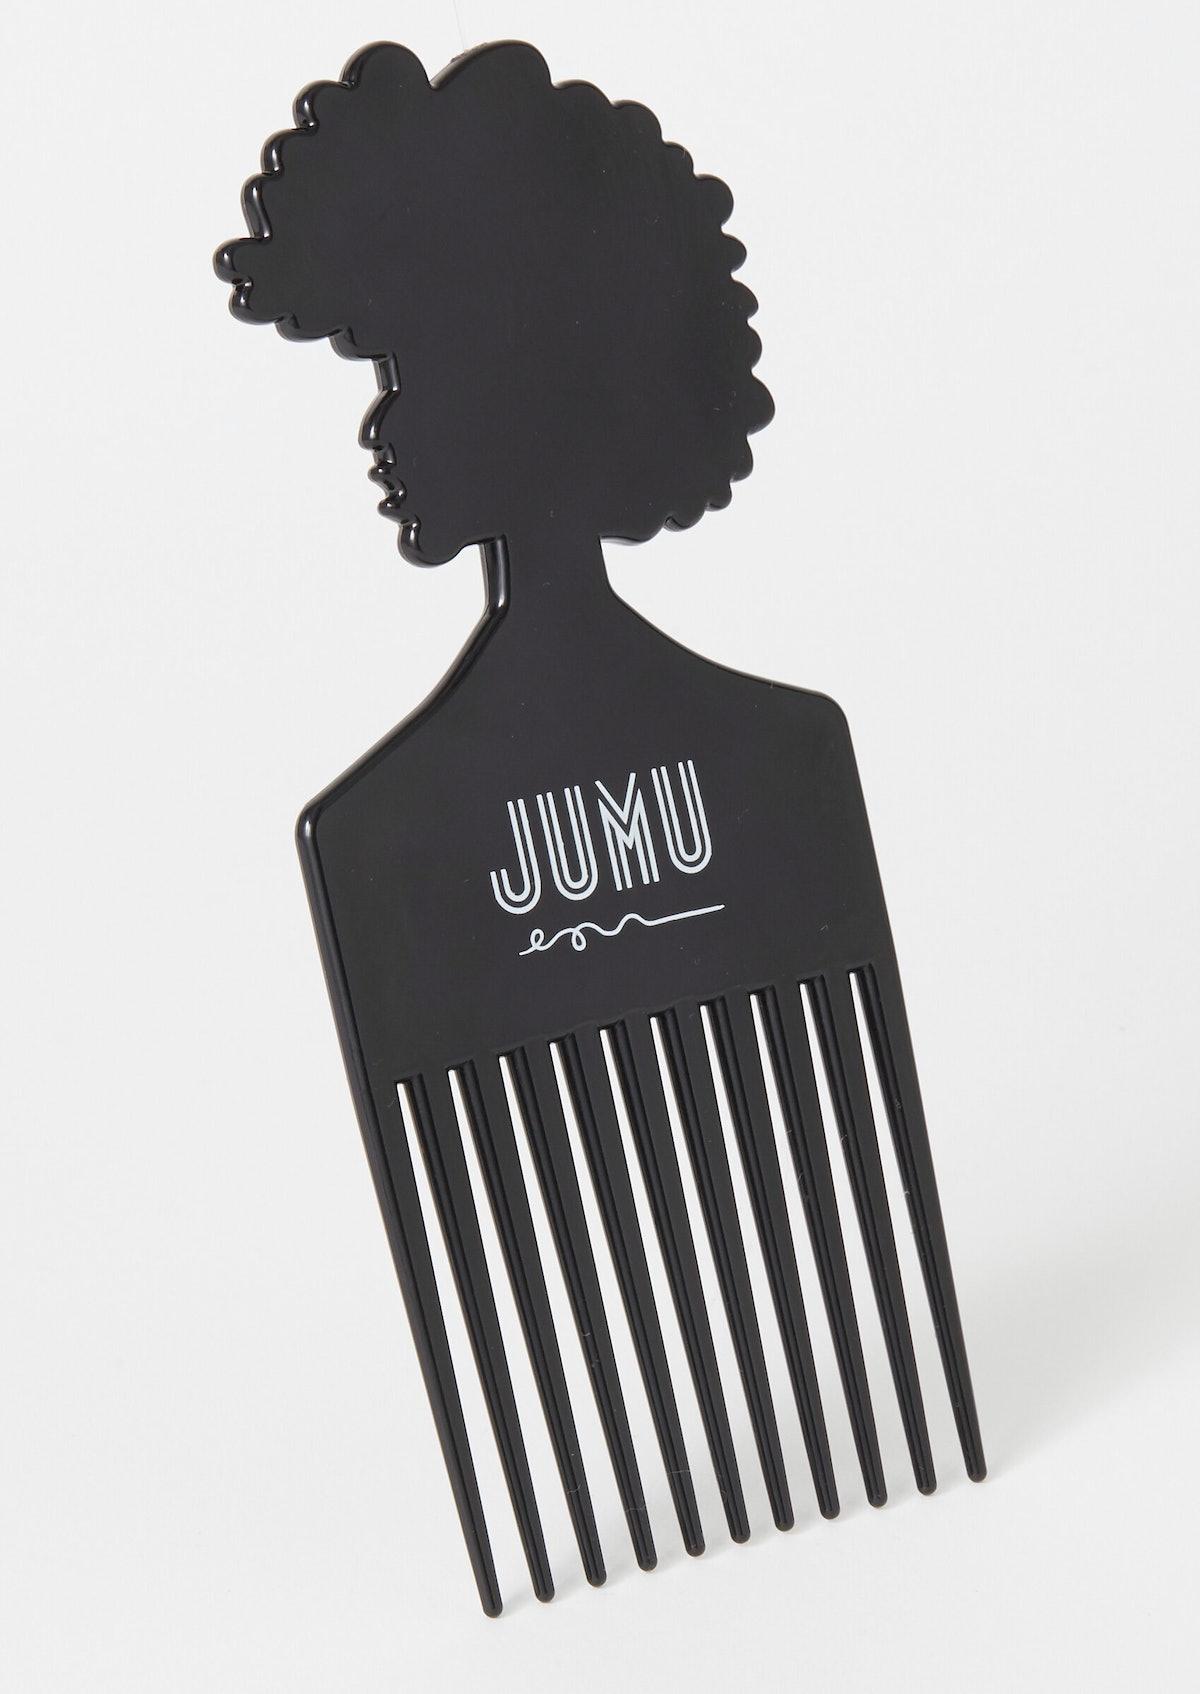 Jumu Hair Pick